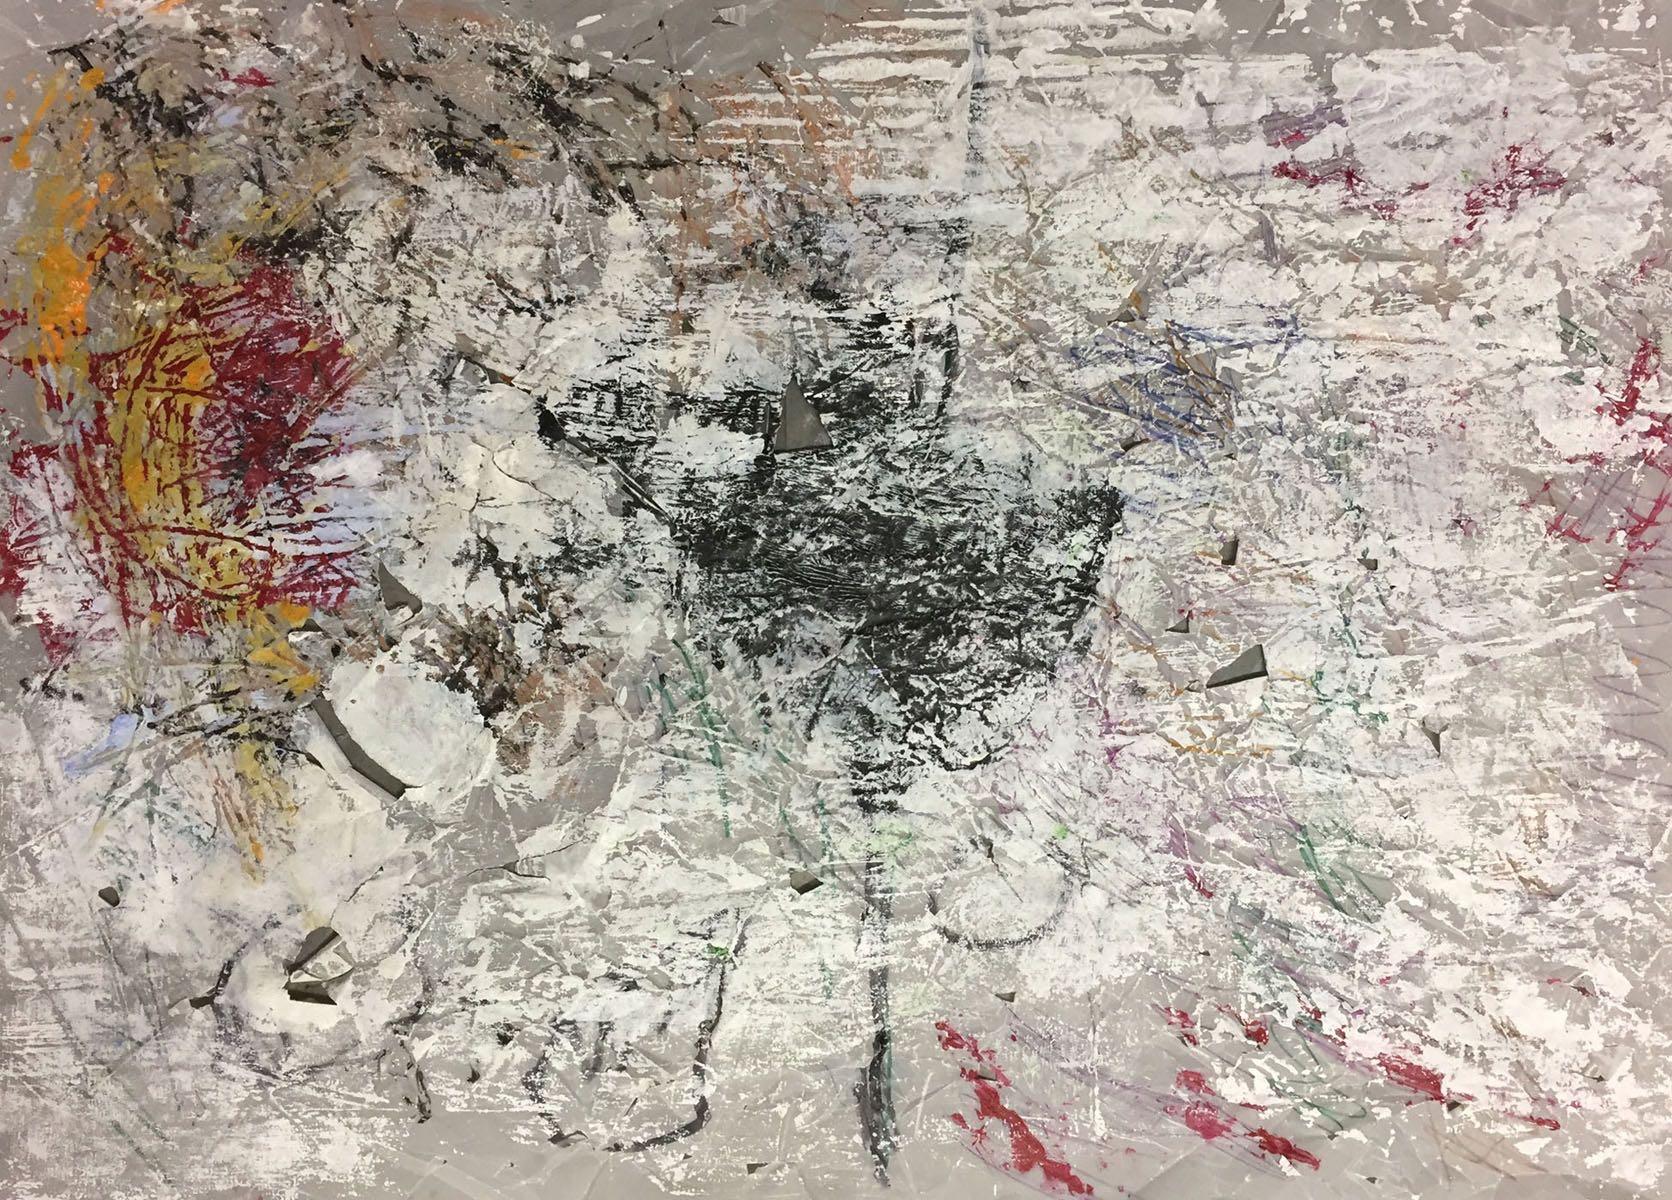 MARC FELD 2018 ENFANCE Huile et pigment sur papier calque 87 x 62 cm